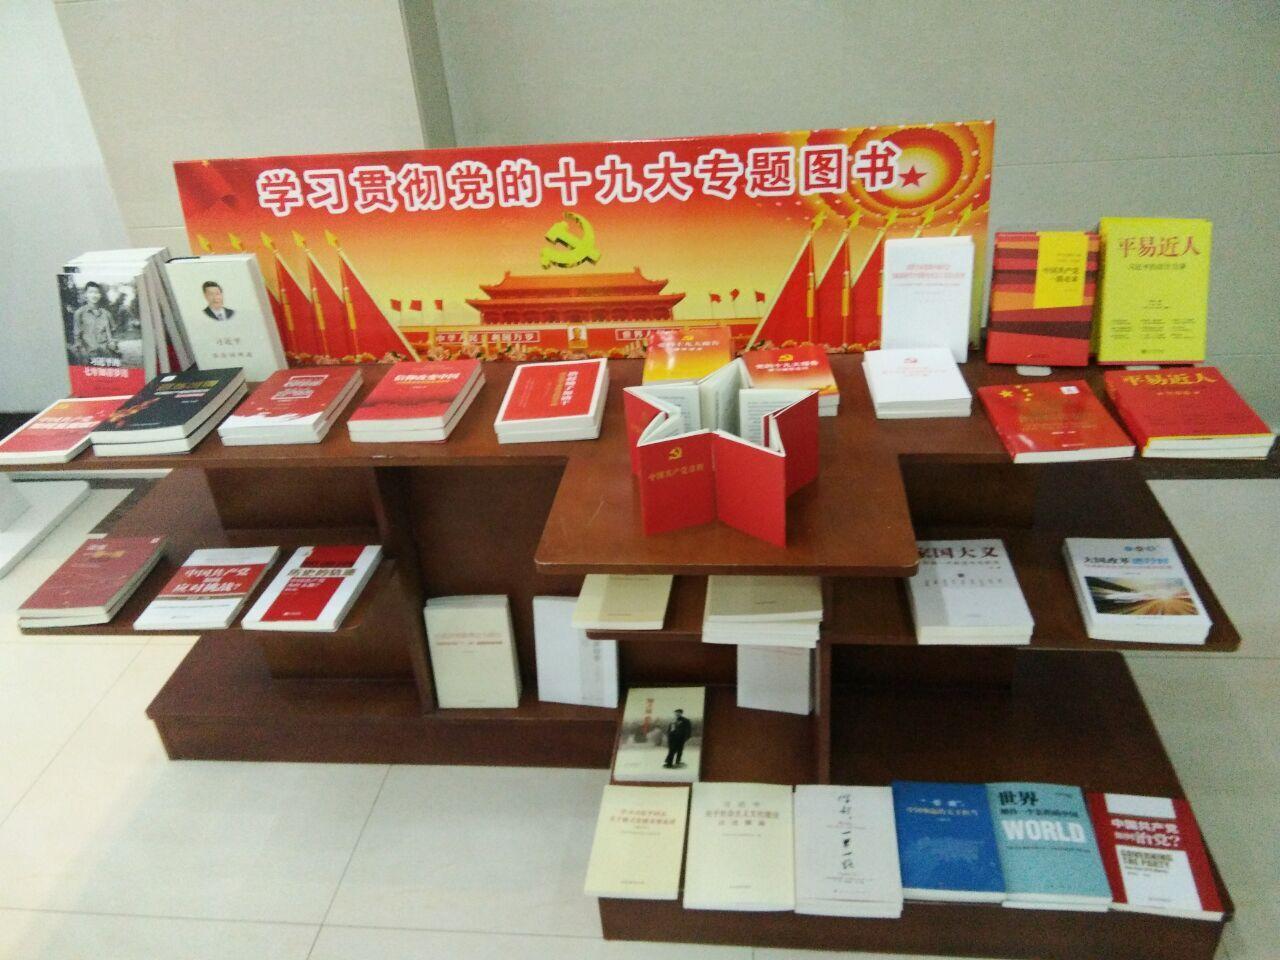 图书馆设立党的十九大专题图书区